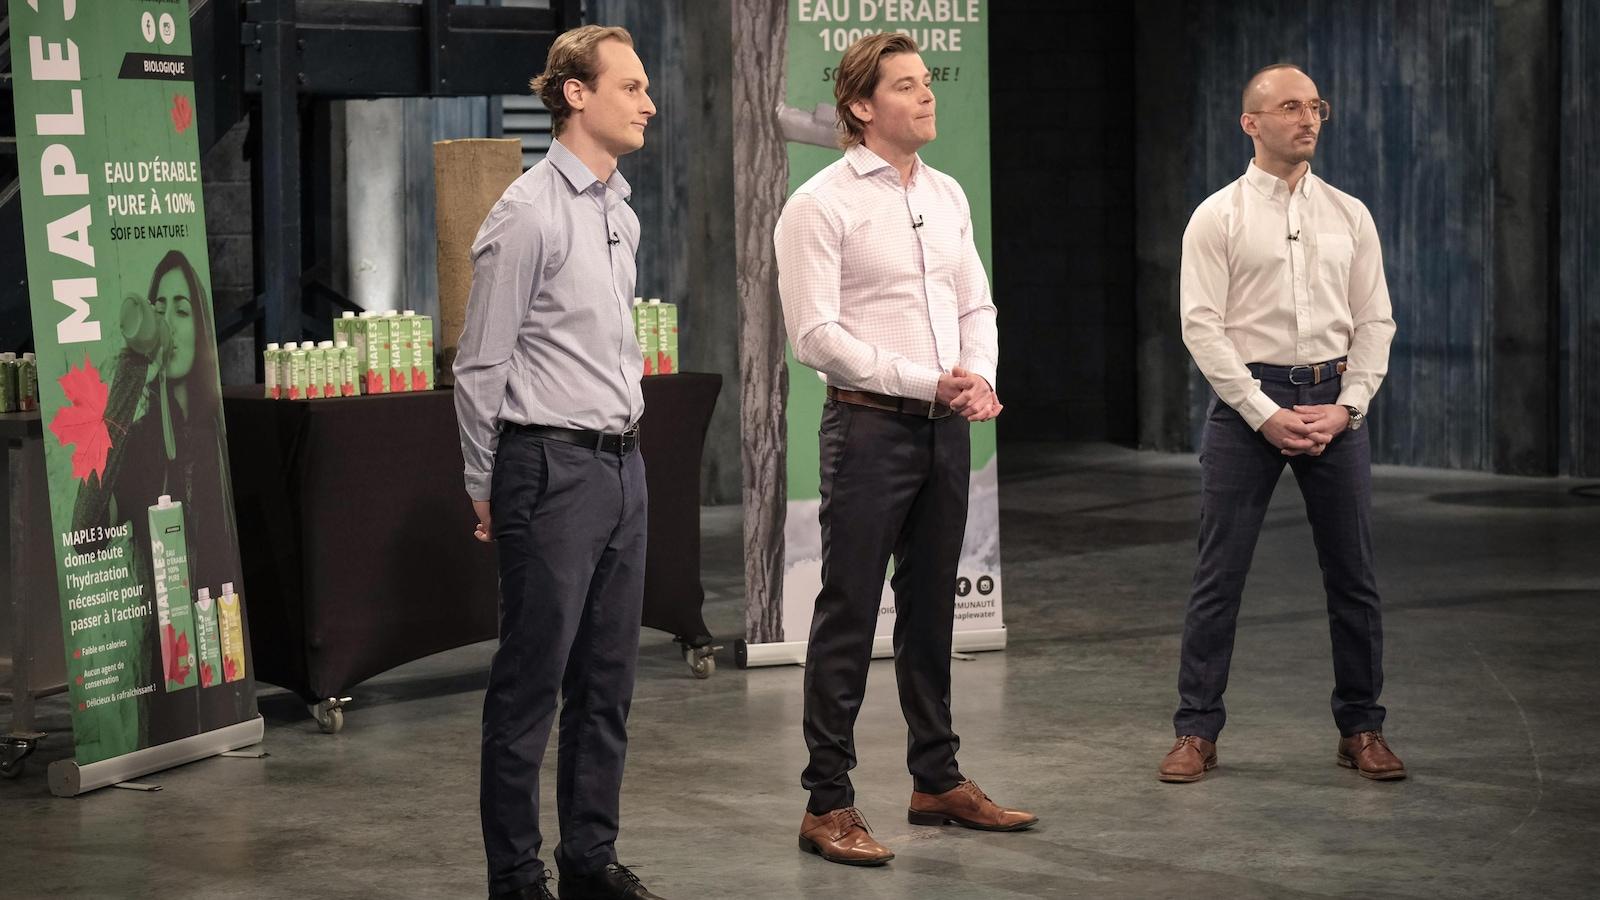 Les entrepreneurs de Maple 3 font leur présentation devant les dragons.